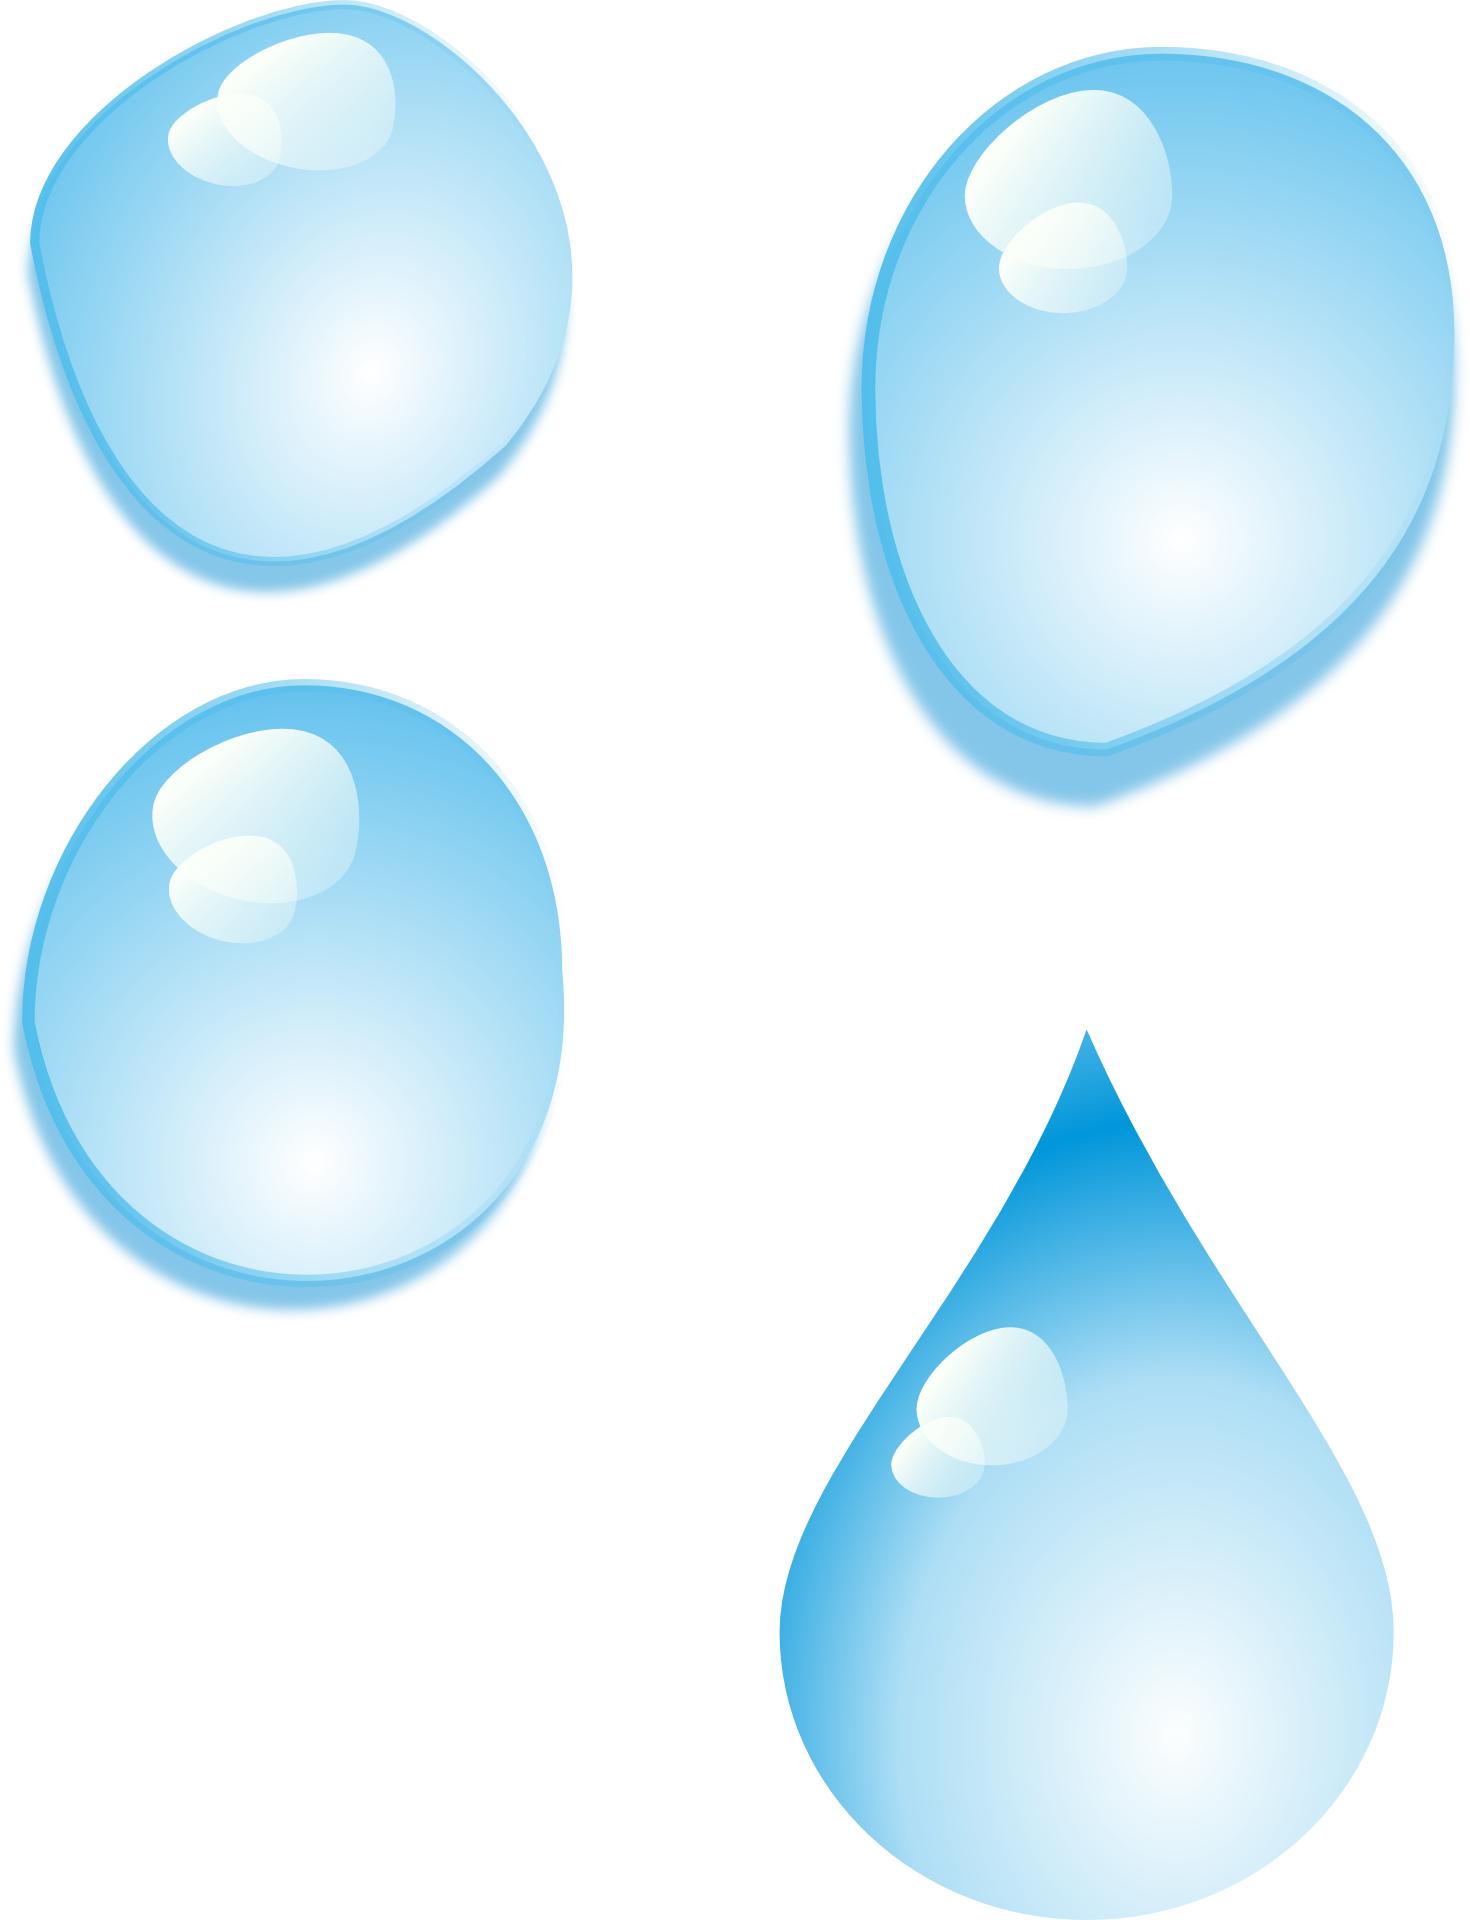 Water drop-raindrop blue cartoon vector